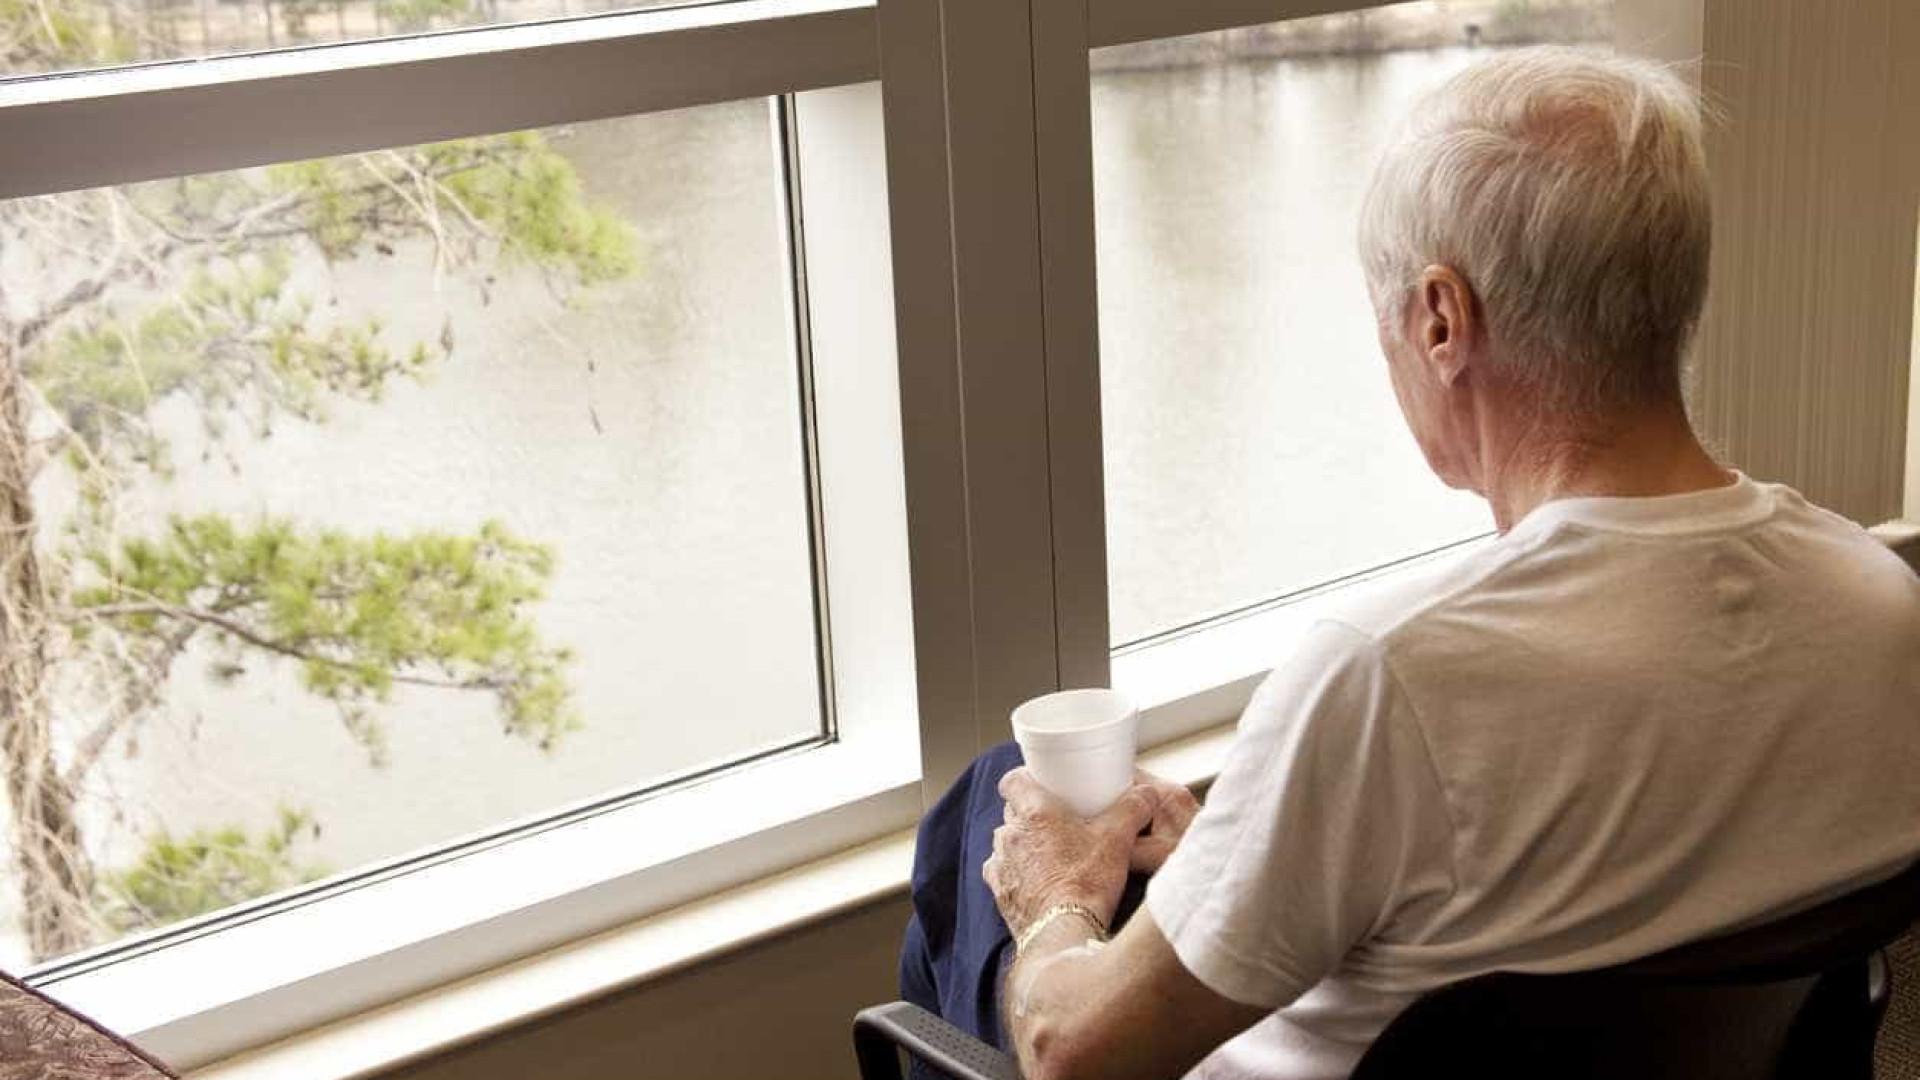 Condeixa: 19 pessoas hospitalizadas após intoxicação em lar de idosos